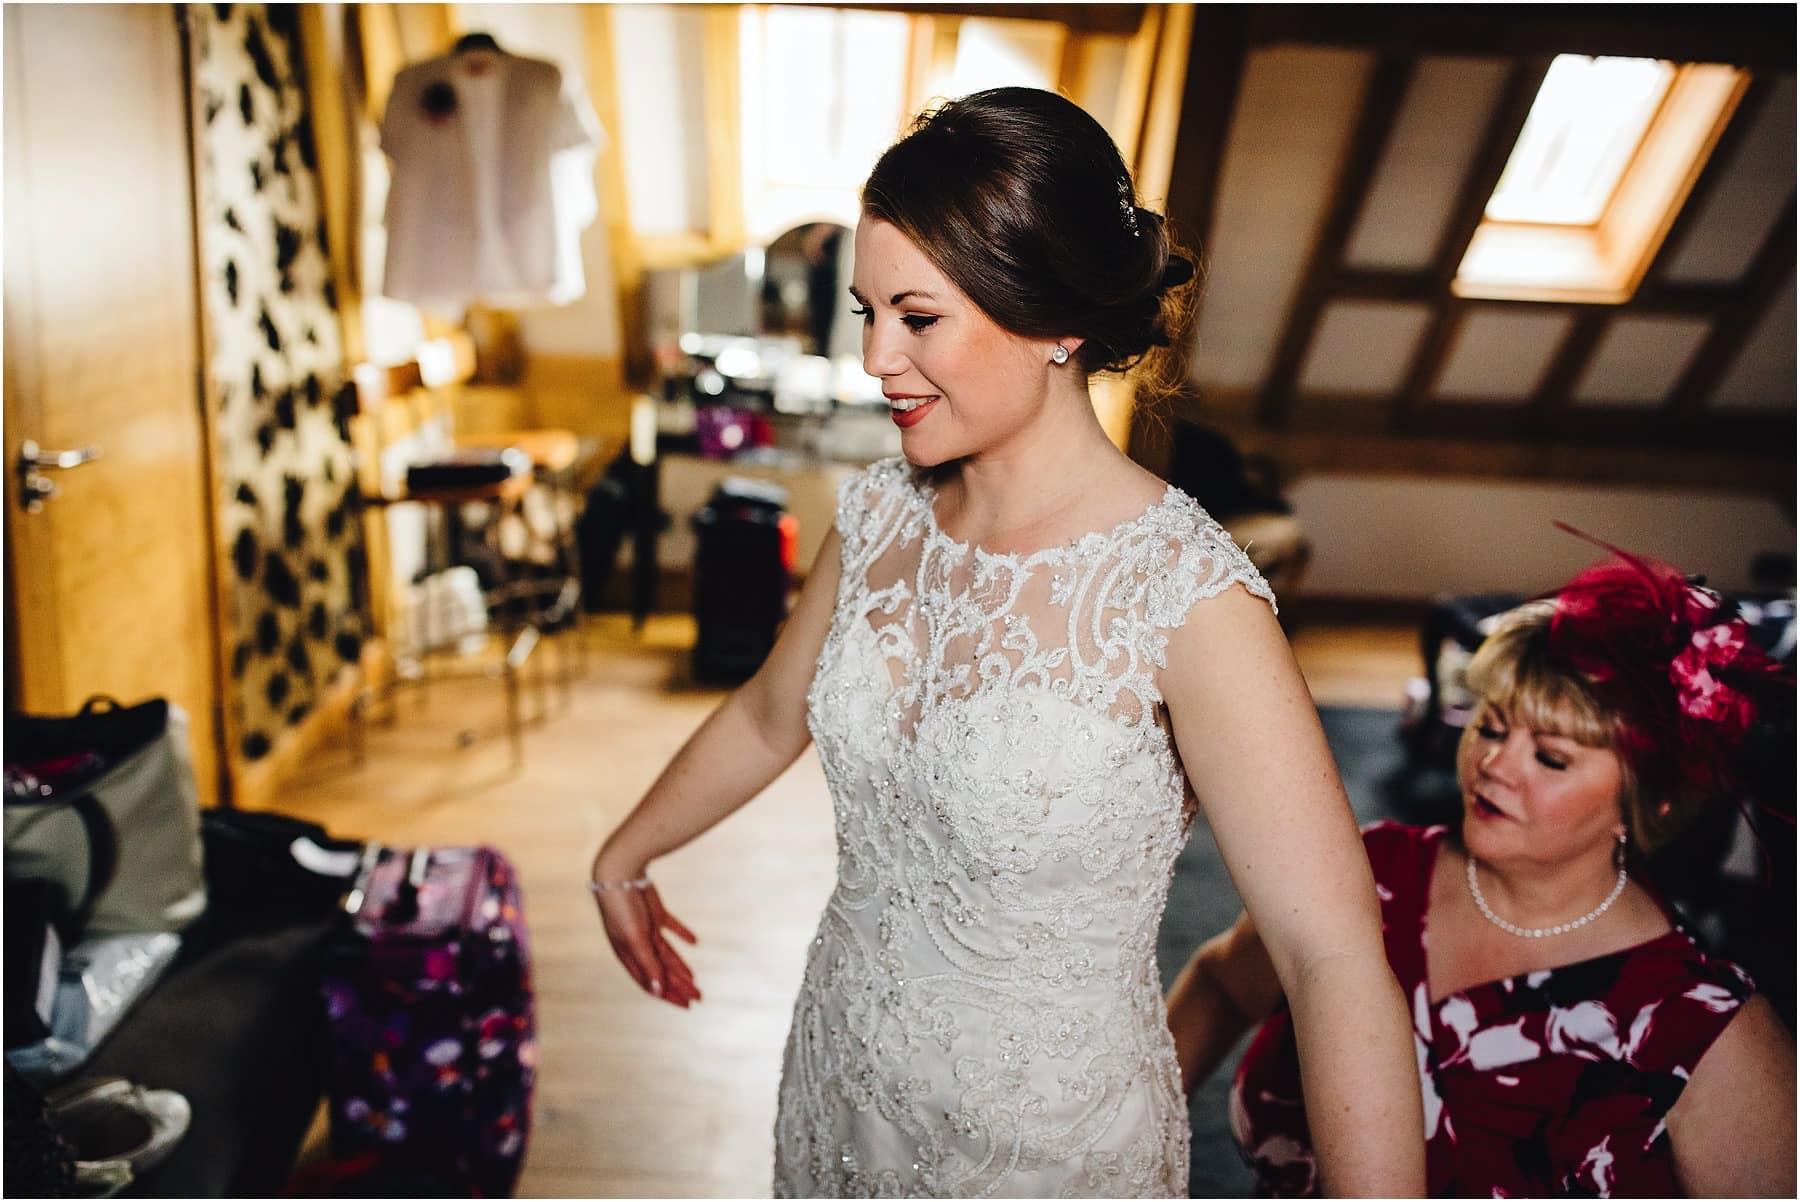 bride happy in her wedding dress